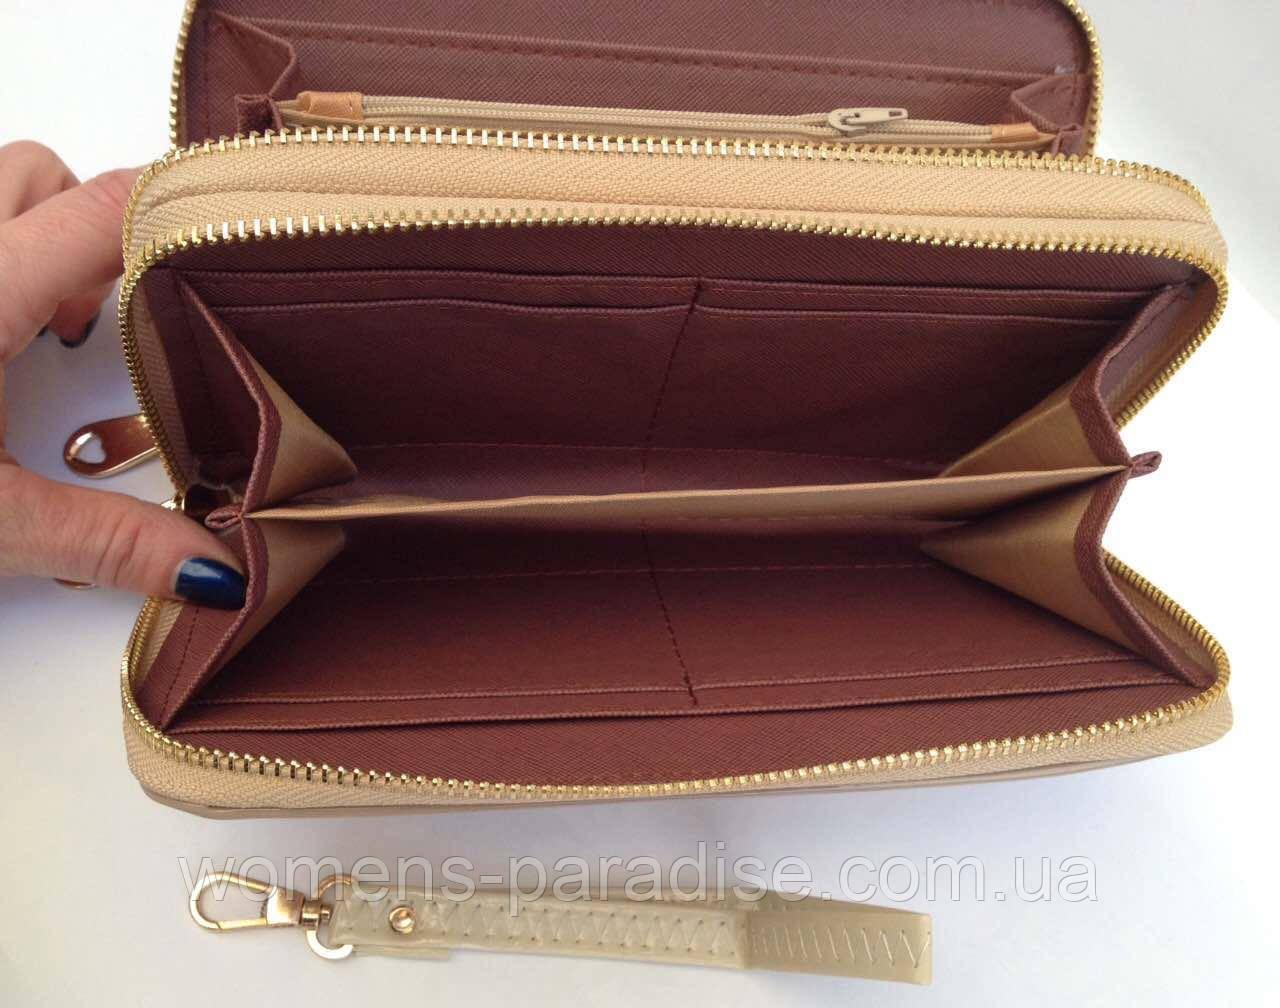 3cc401f1178a ... Женский кошелек Giuseppe Zanotti две молнии, отделение для телефона  бежевый цвет, ...